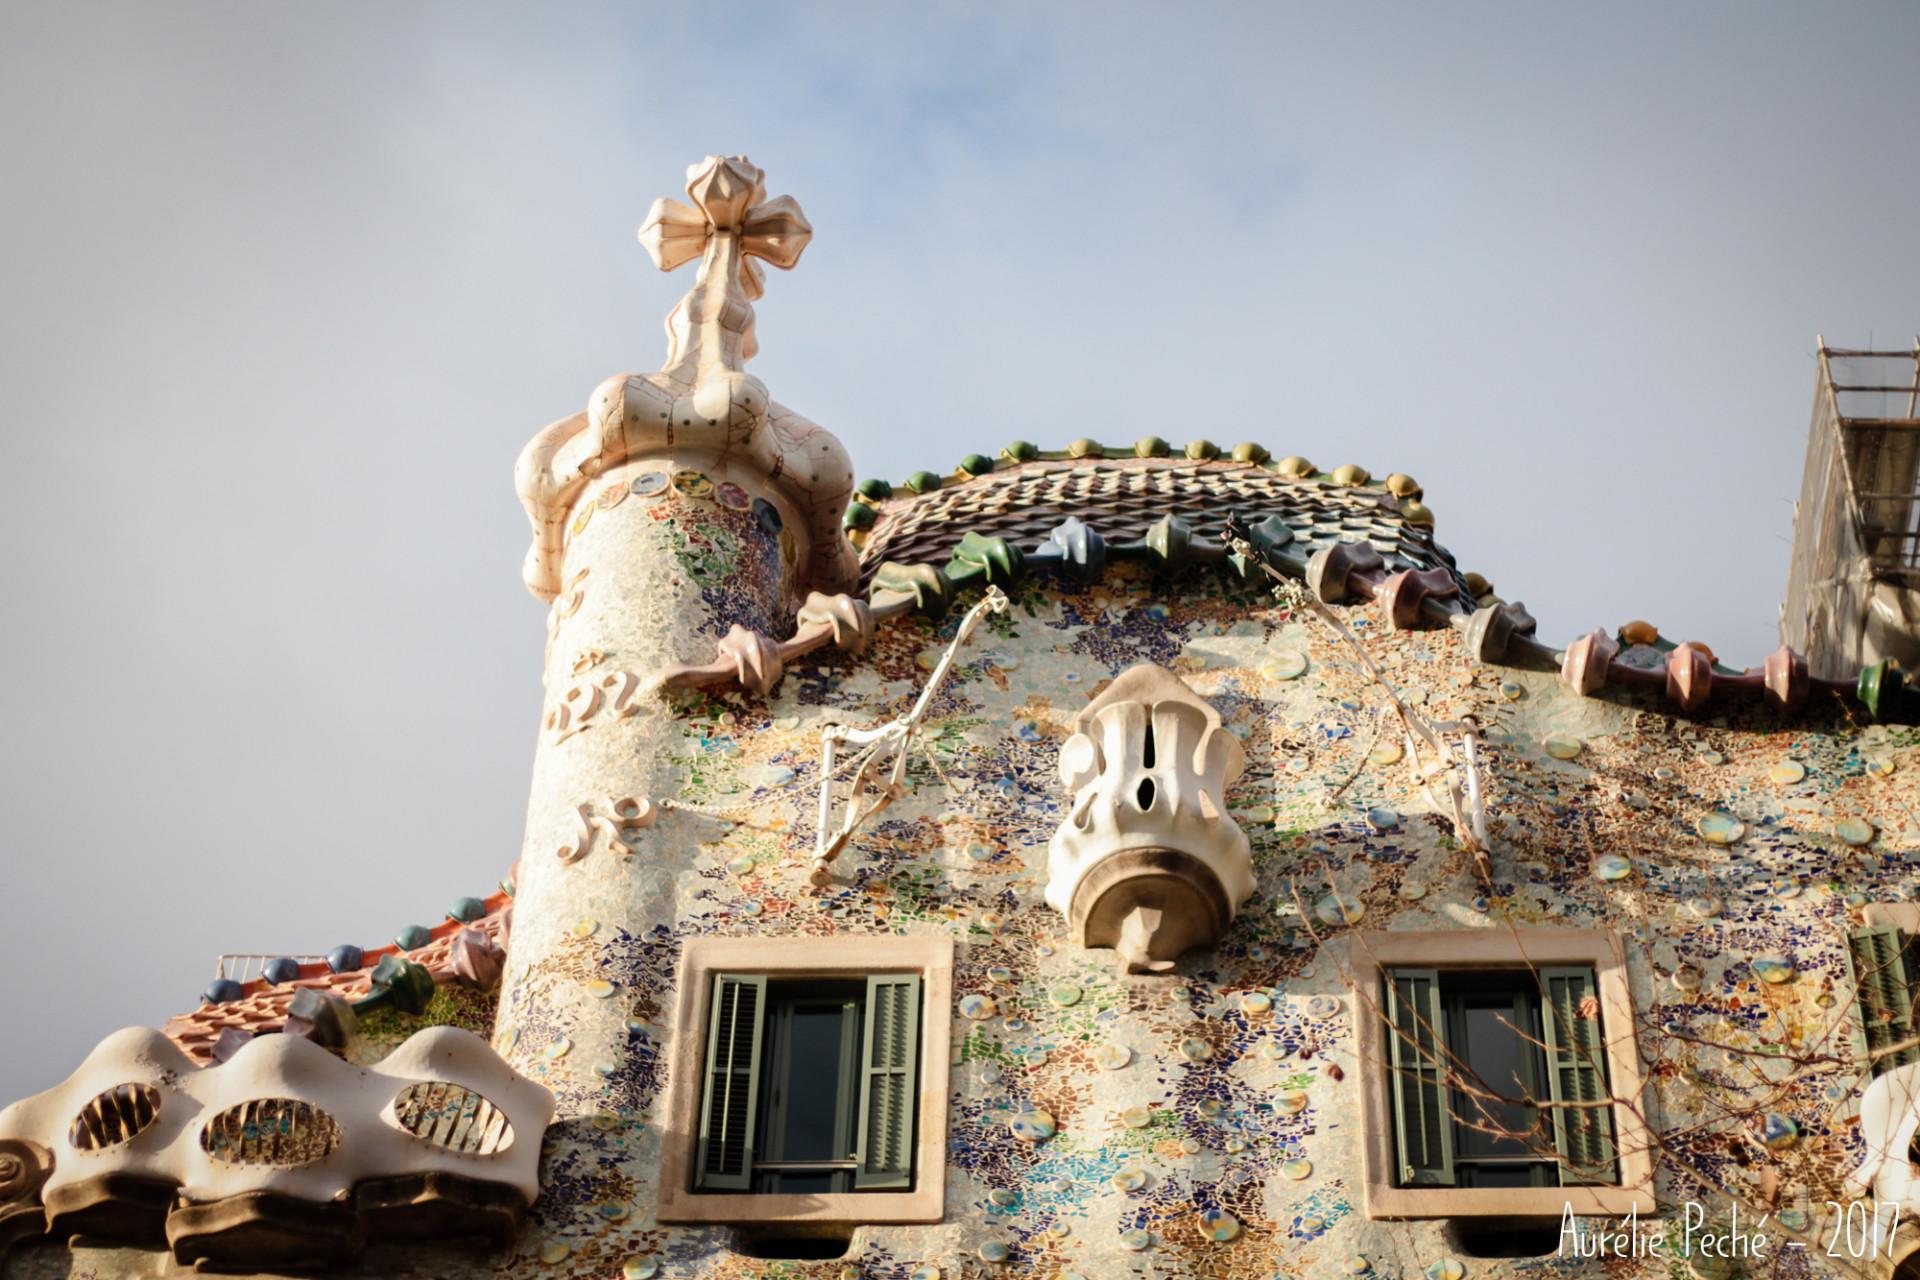 Casa Battlo